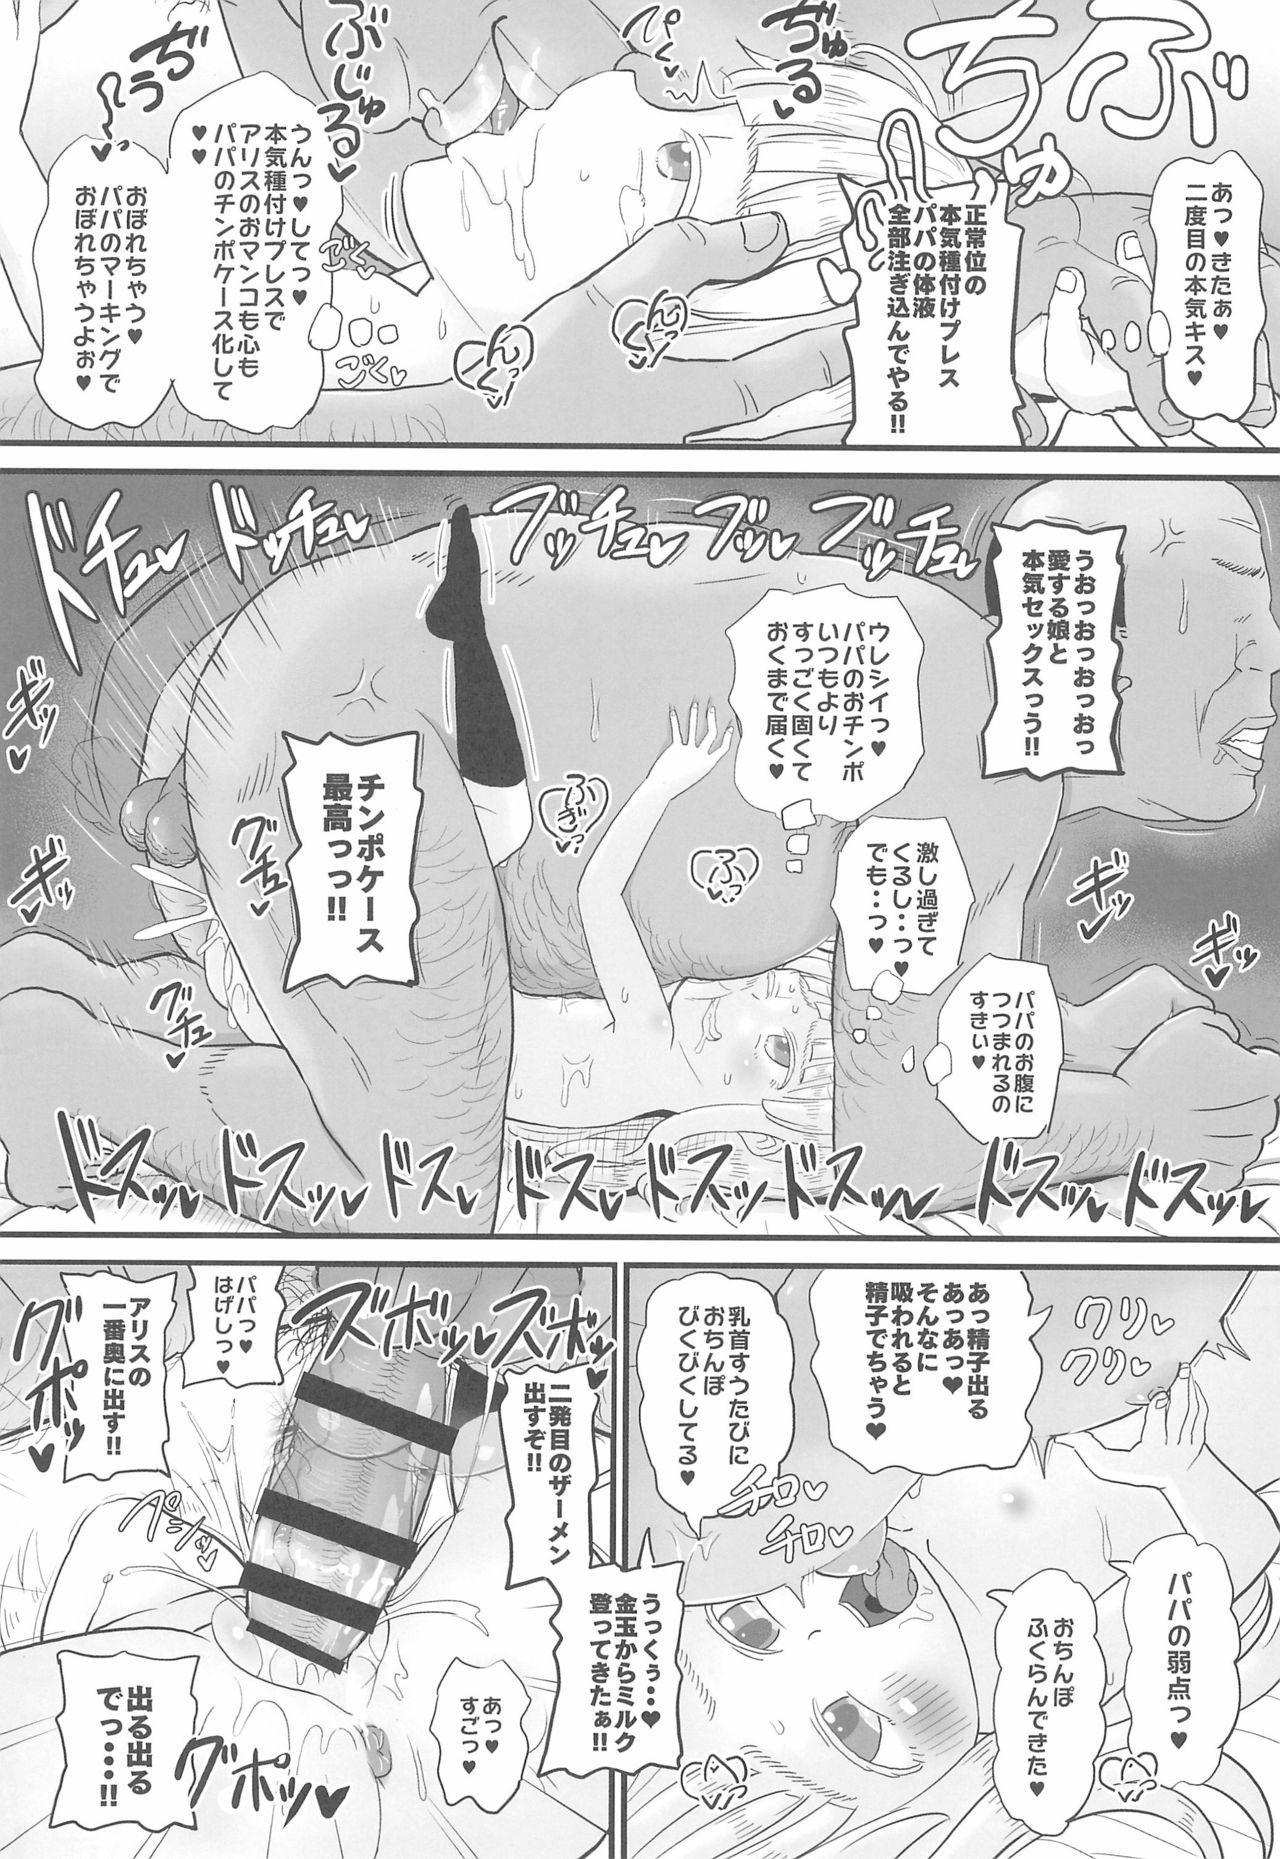 (C97) [botibotiikoka (takku)] Manamusume no Arisu-chan (8yo) ga Rippa na Chinpo-case ni Sodachimashita 19